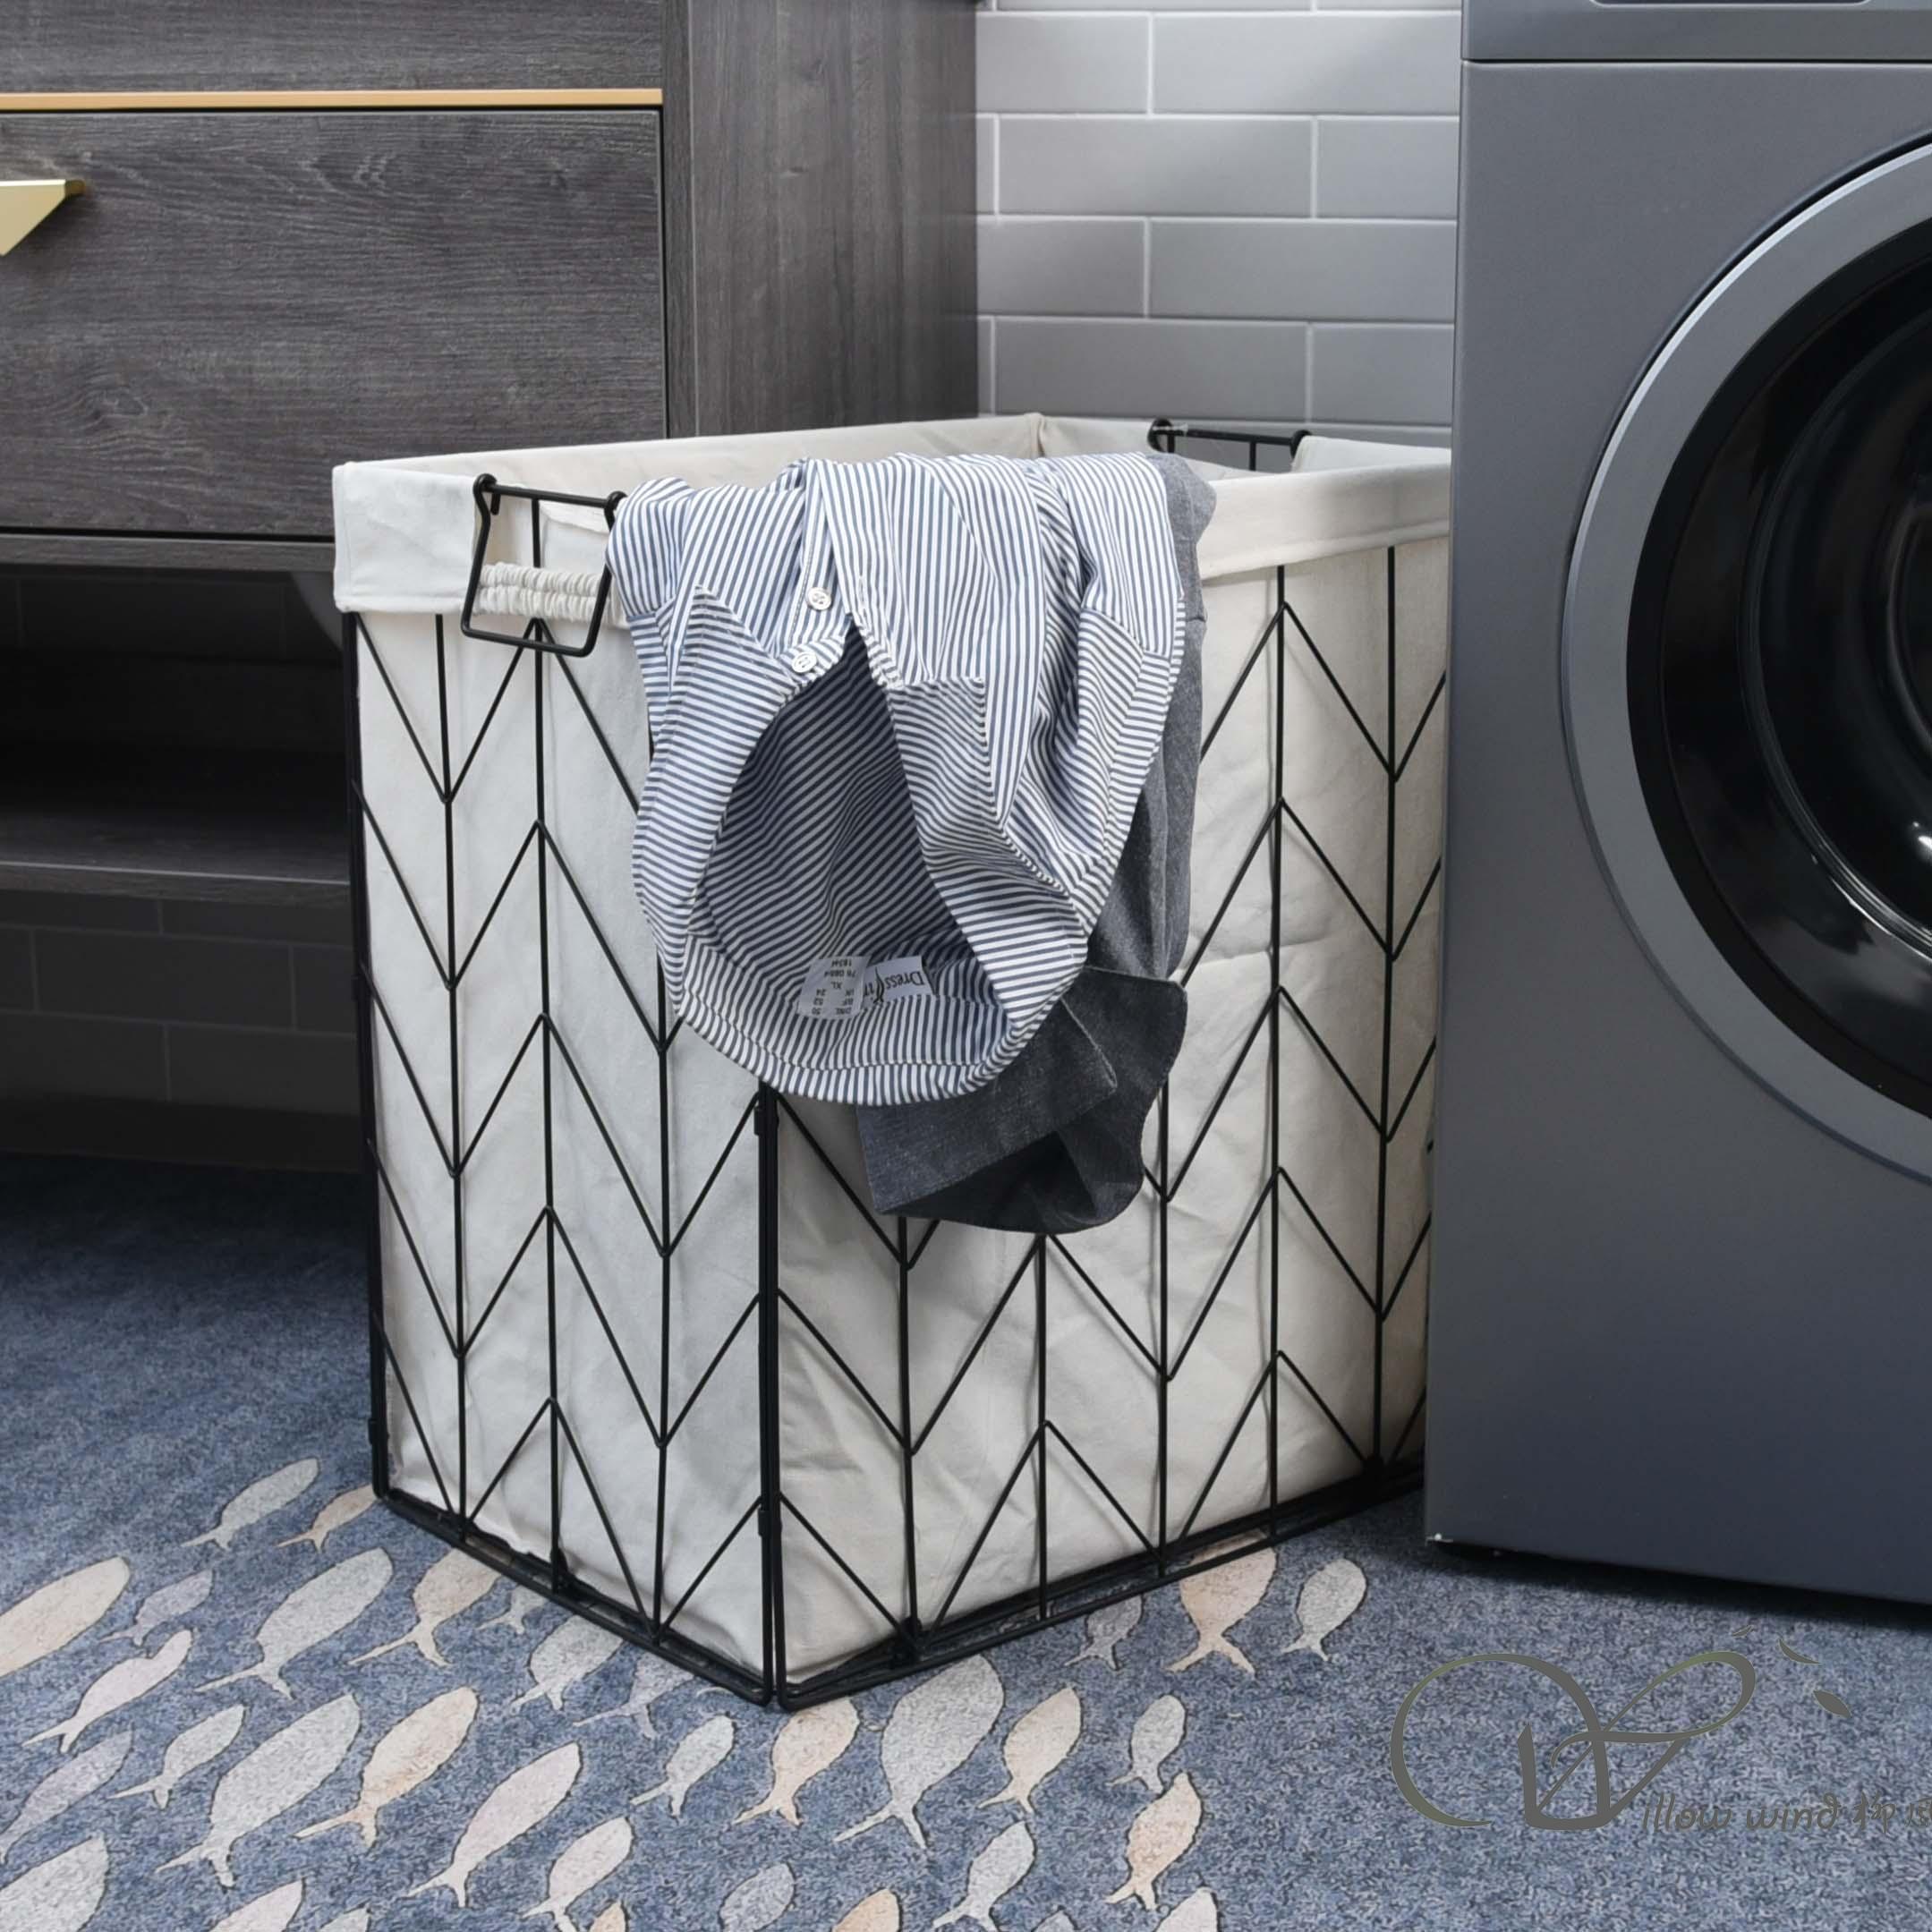 large laundry basket metal basket KD hamper storage basket